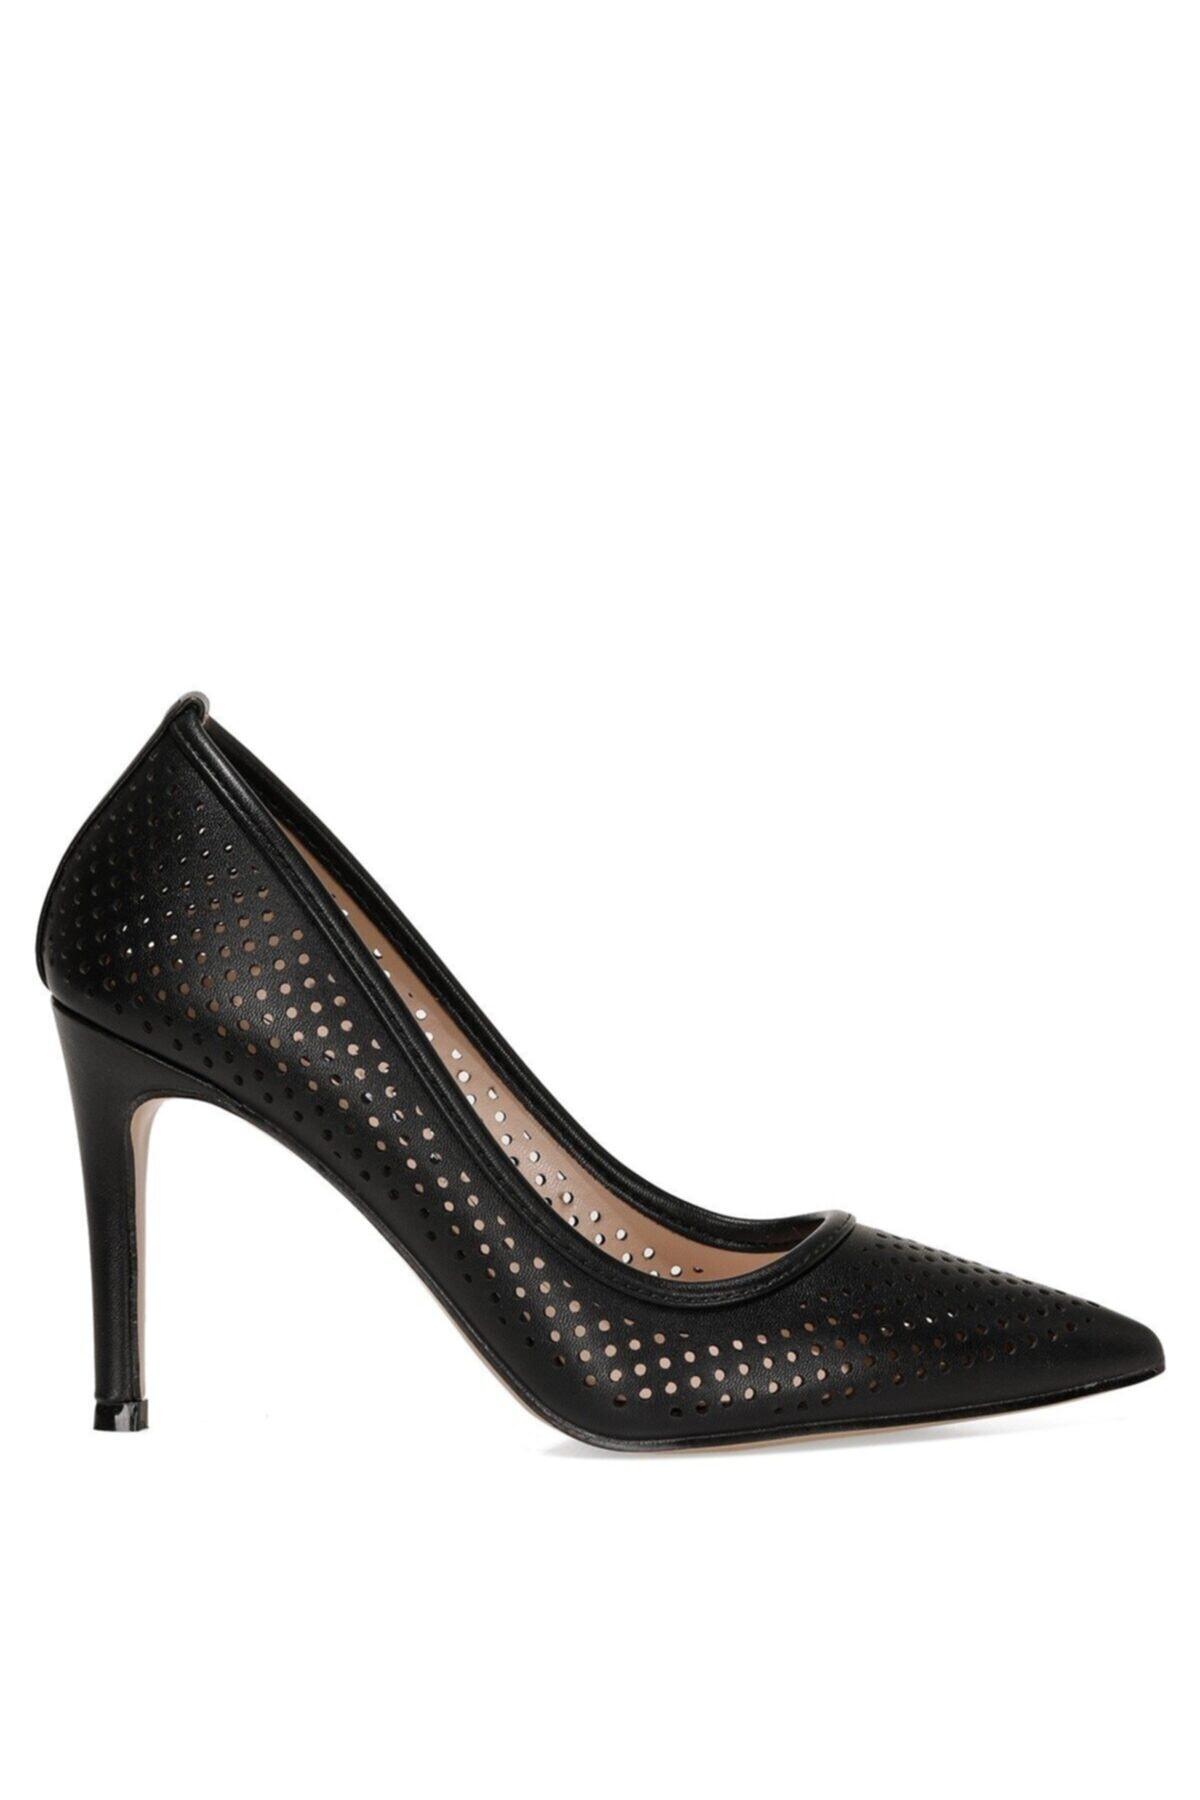 JERRIKA 1FX Siyah Kadın Klasik Topuklu Ayakkabı 101007984